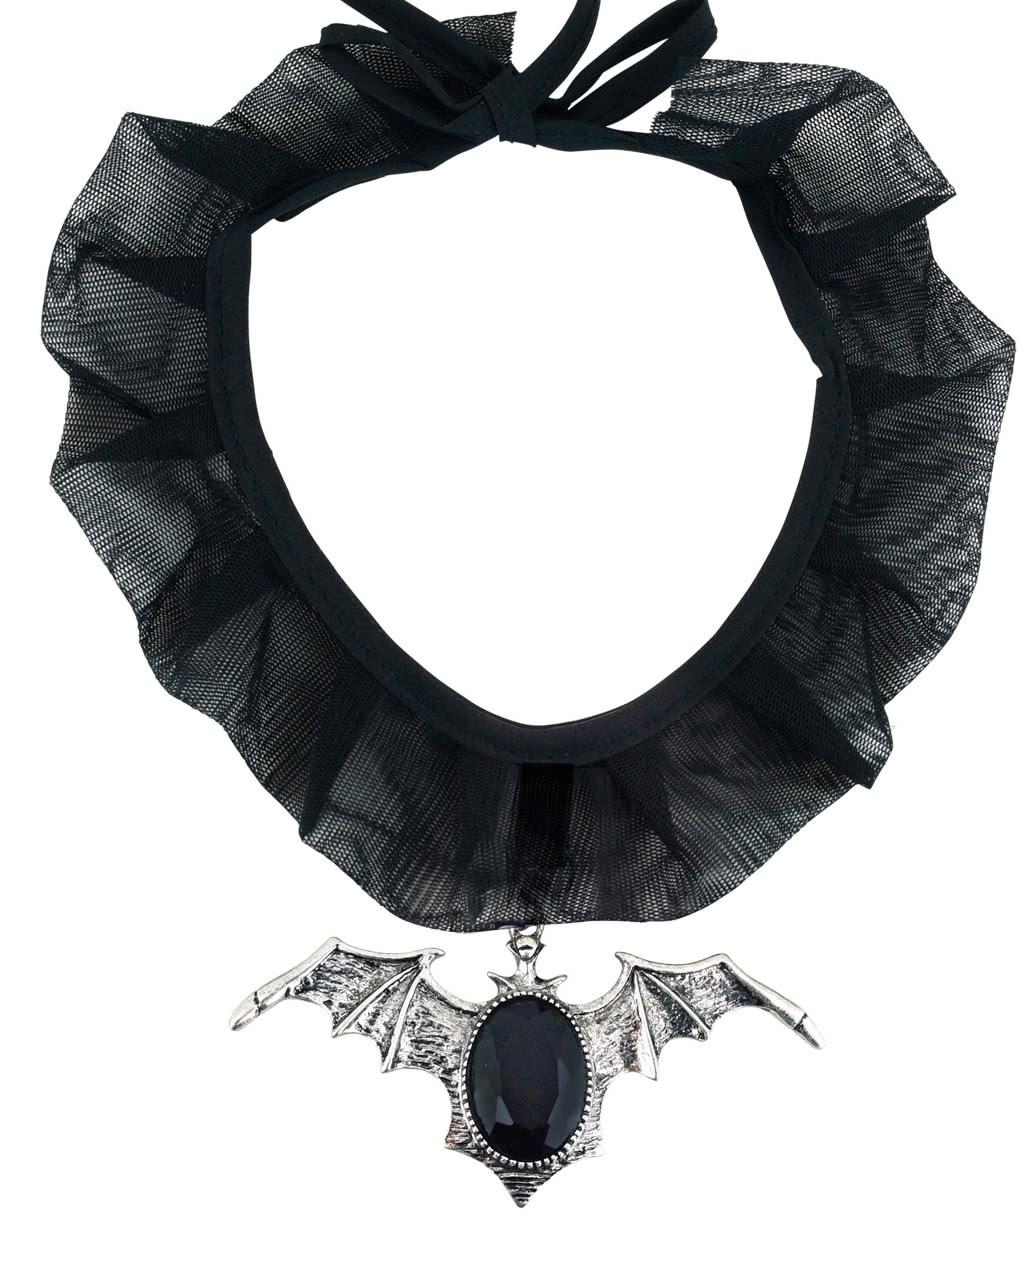 Gothic Fledermaus Halsband für Halloween | Horror-Shop.com